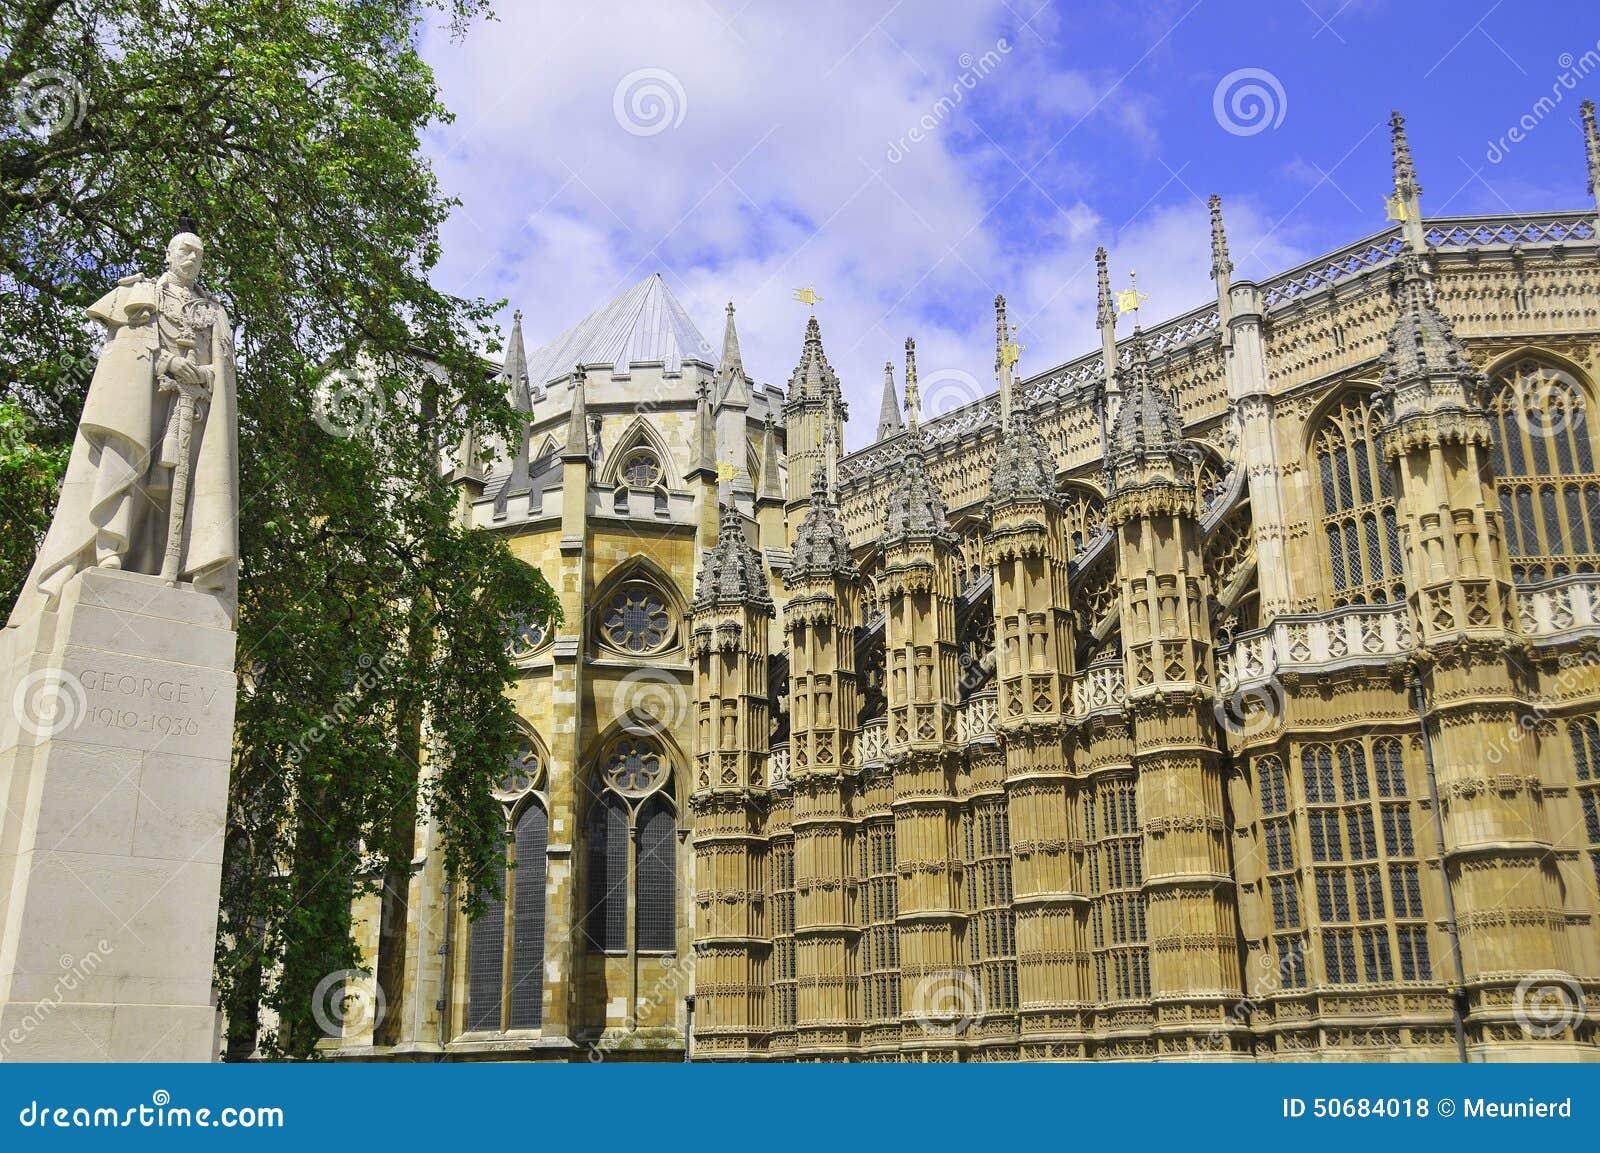 Download 威斯敏斯特修道院 库存照片. 图片 包括有 伦敦, 君主制, 加冠, 入口, 著名, 大教堂, 纪念碑, 极大 - 50684018